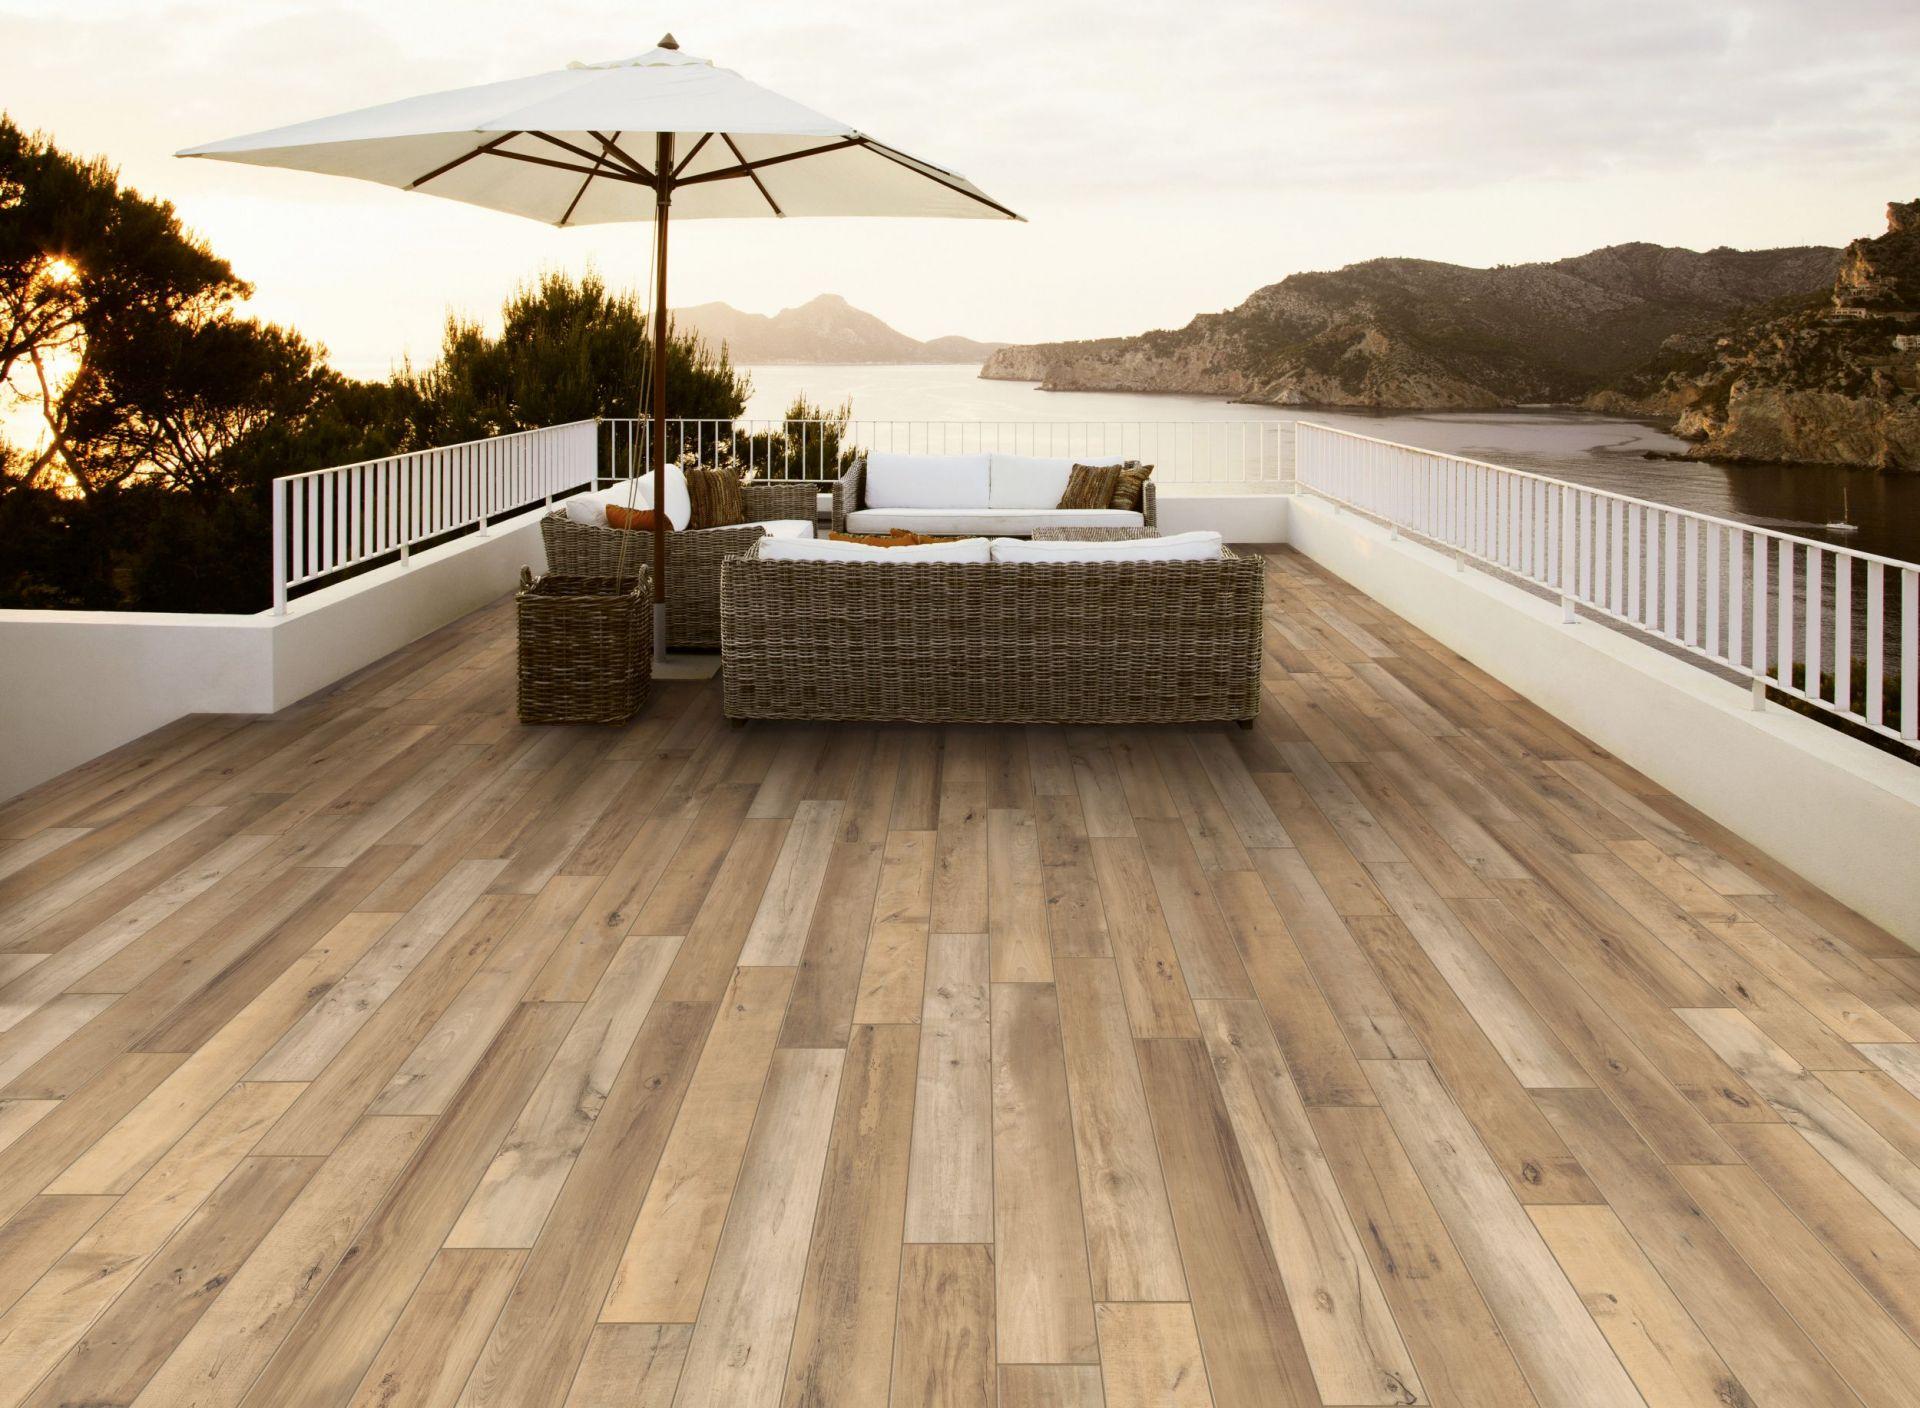 wooden-effect-outdoor-tiles-bristol